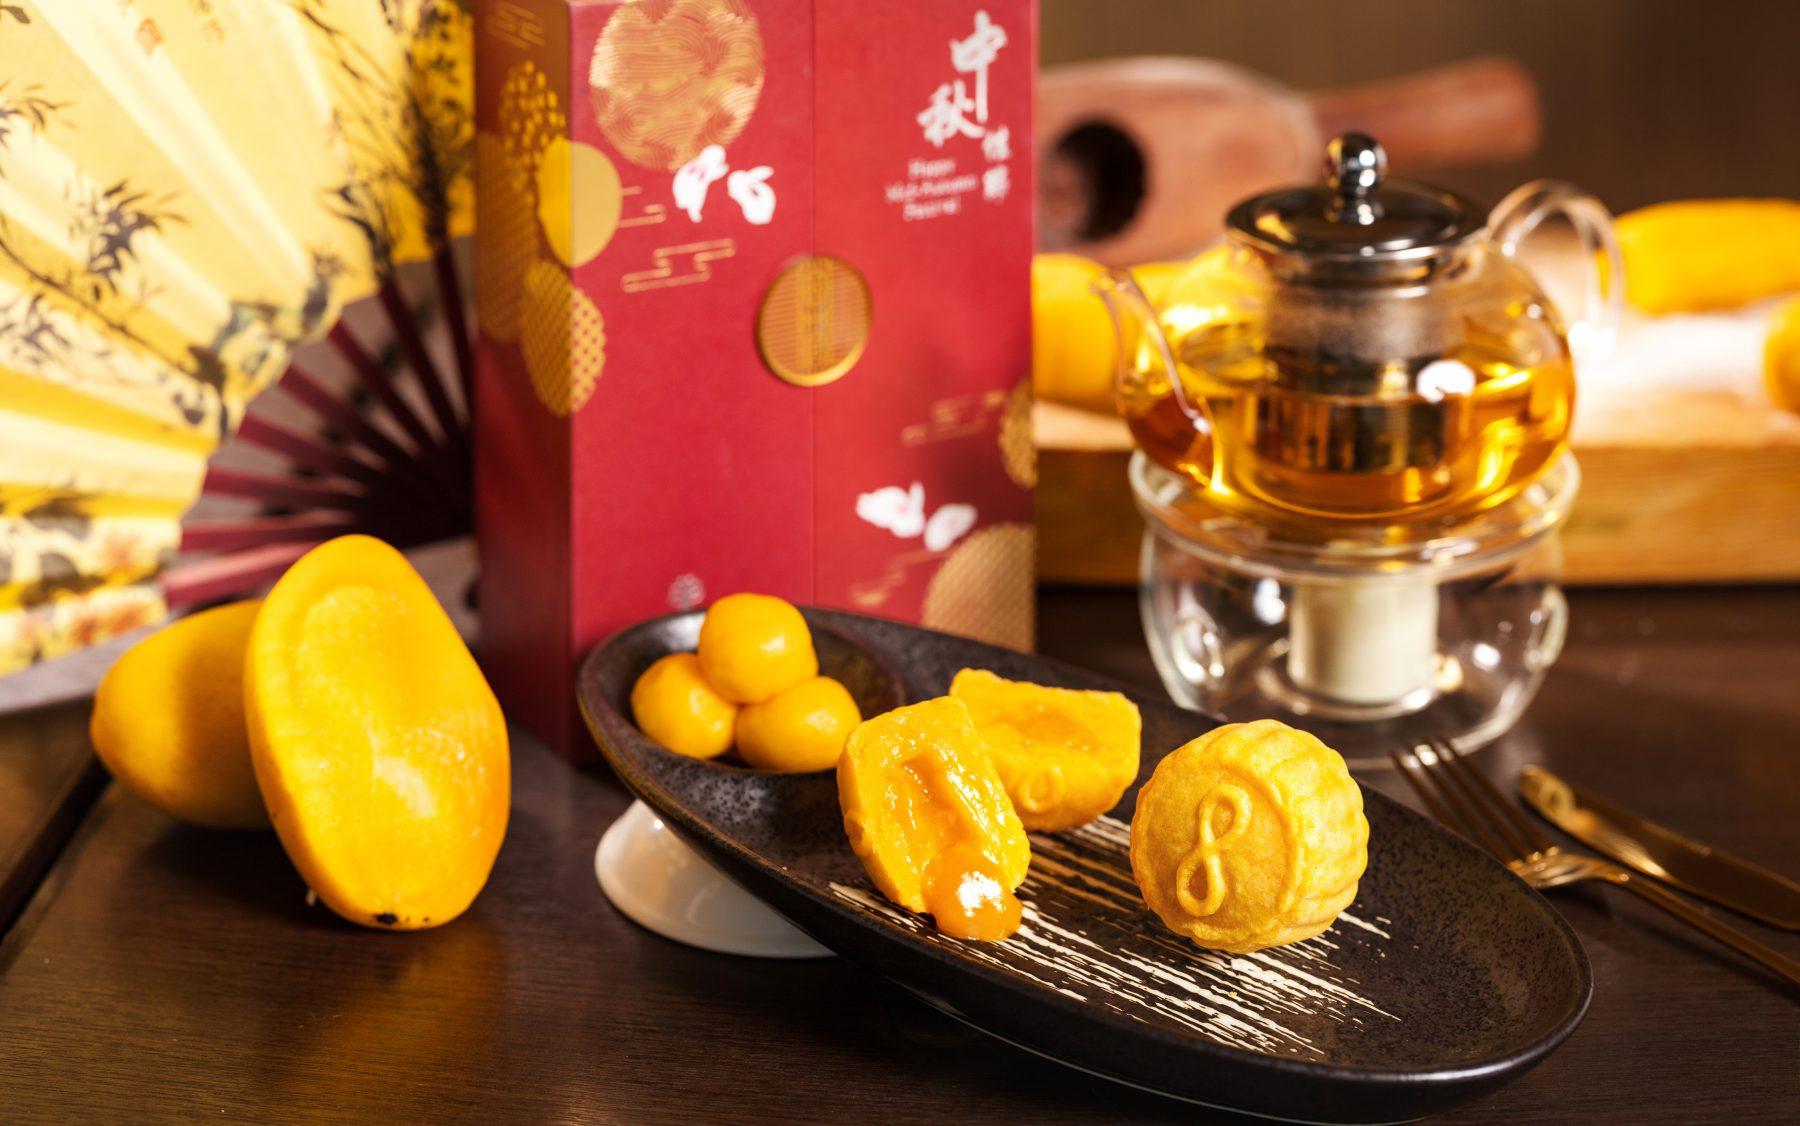 鮮芒果流心奶黃月餅